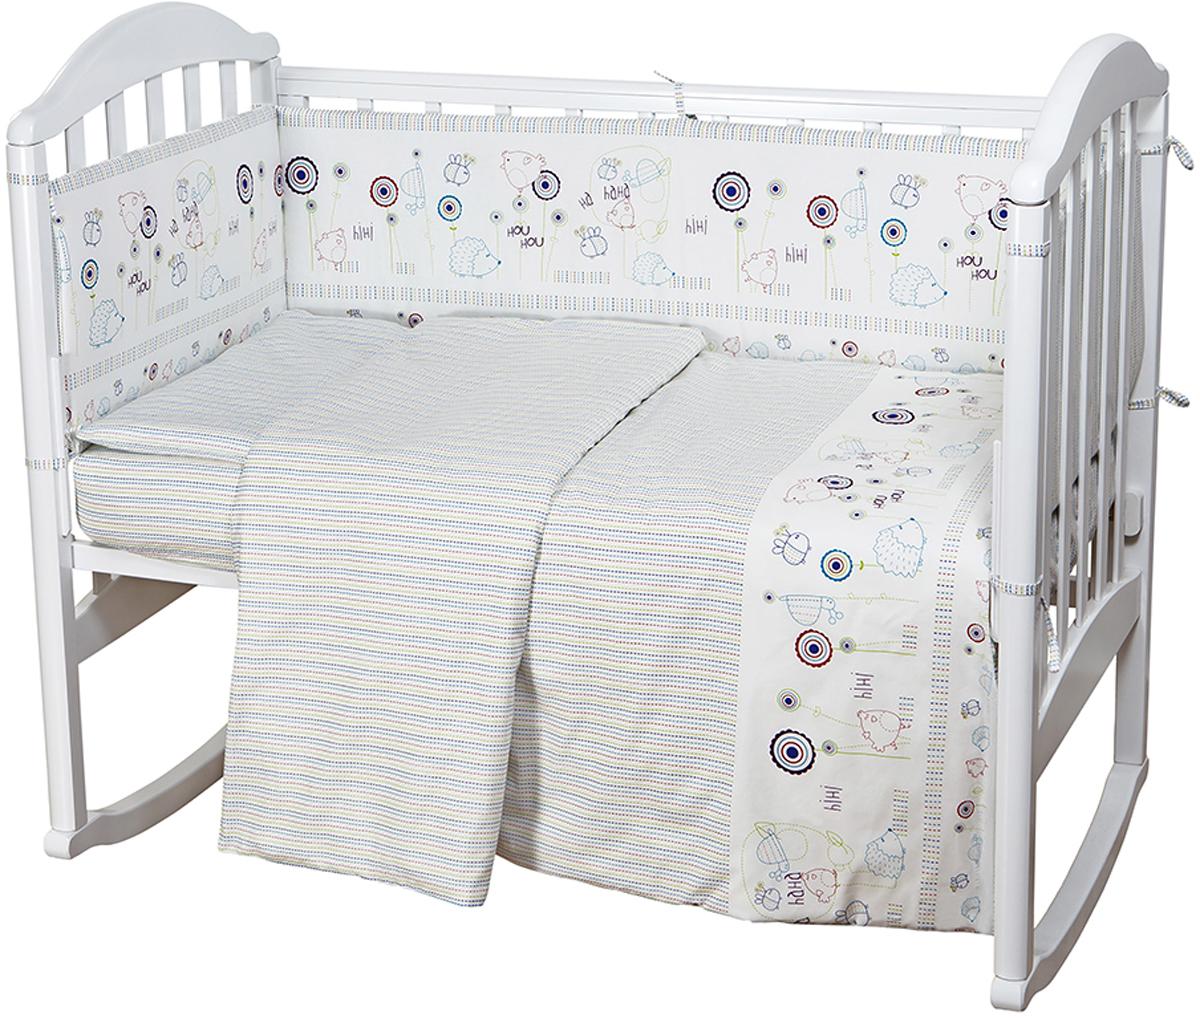 Baby Nice Комплект постельного белья детский Ежик 6 предметов цвет белый H11H11Комплект в кроватку для самых маленьких должен быть изготовлен только из самой качественной ткани, самой безопасной и гигиеничной, самой экологичной и гипоаллергенной. Отлично подходит для кроваток малышей, которые часто двигаются во сне. Хлопковое волокно прекрасно переносит стирку, быстро сохнет и не требует особого ухода, не линяет и не вытягивается. Ткань прошла специальную обработку по умягчению, что сделало её невероятно мягкой и приятной к телу.